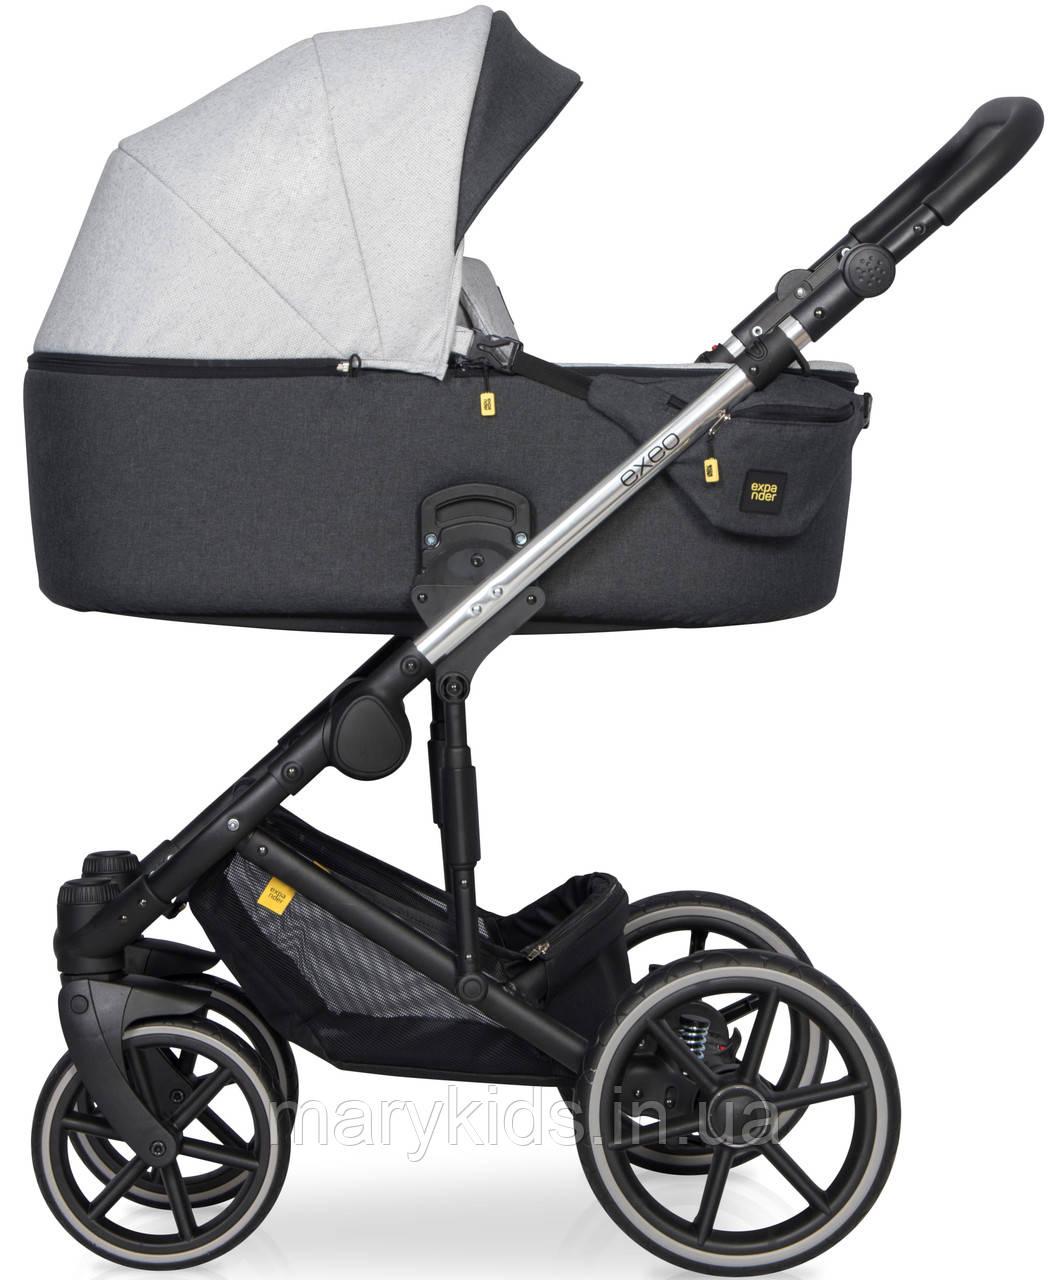 Детская универсальная коляска 2 в 1 Riko Exeo 01 Silver